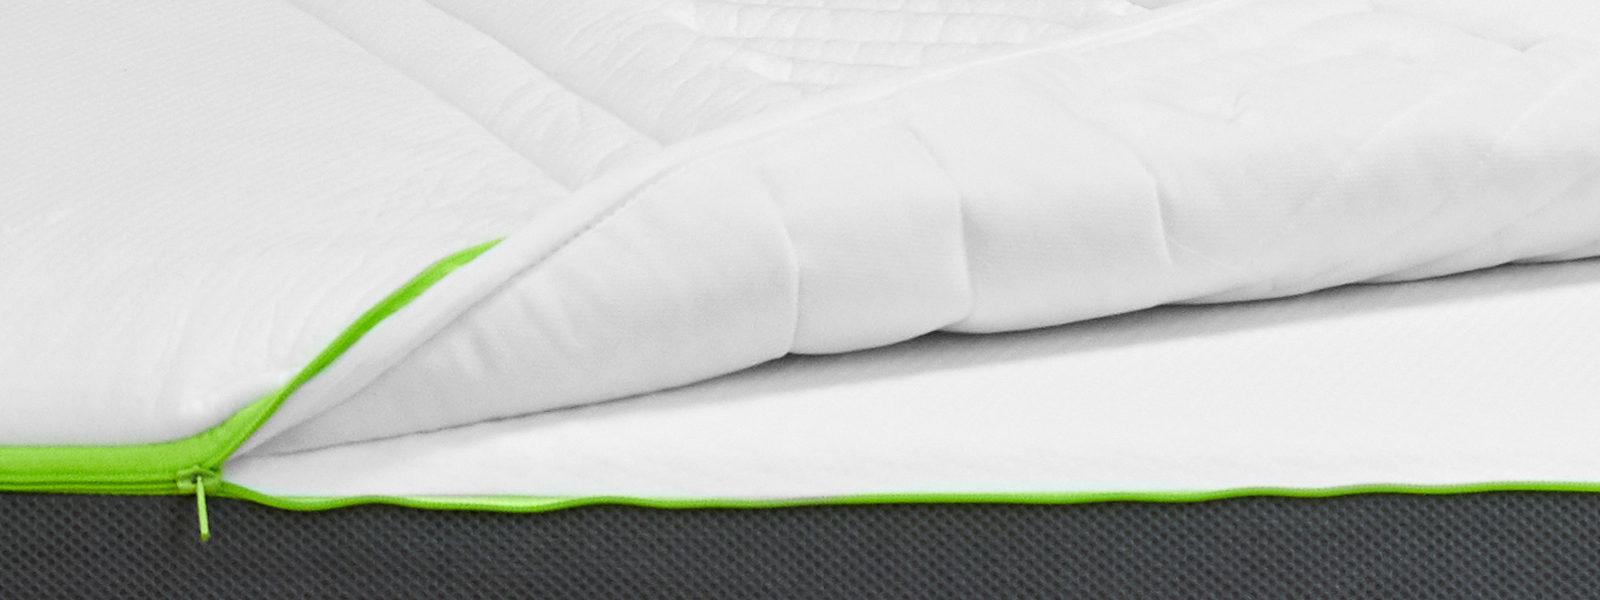 Dormillo Pillow Topper